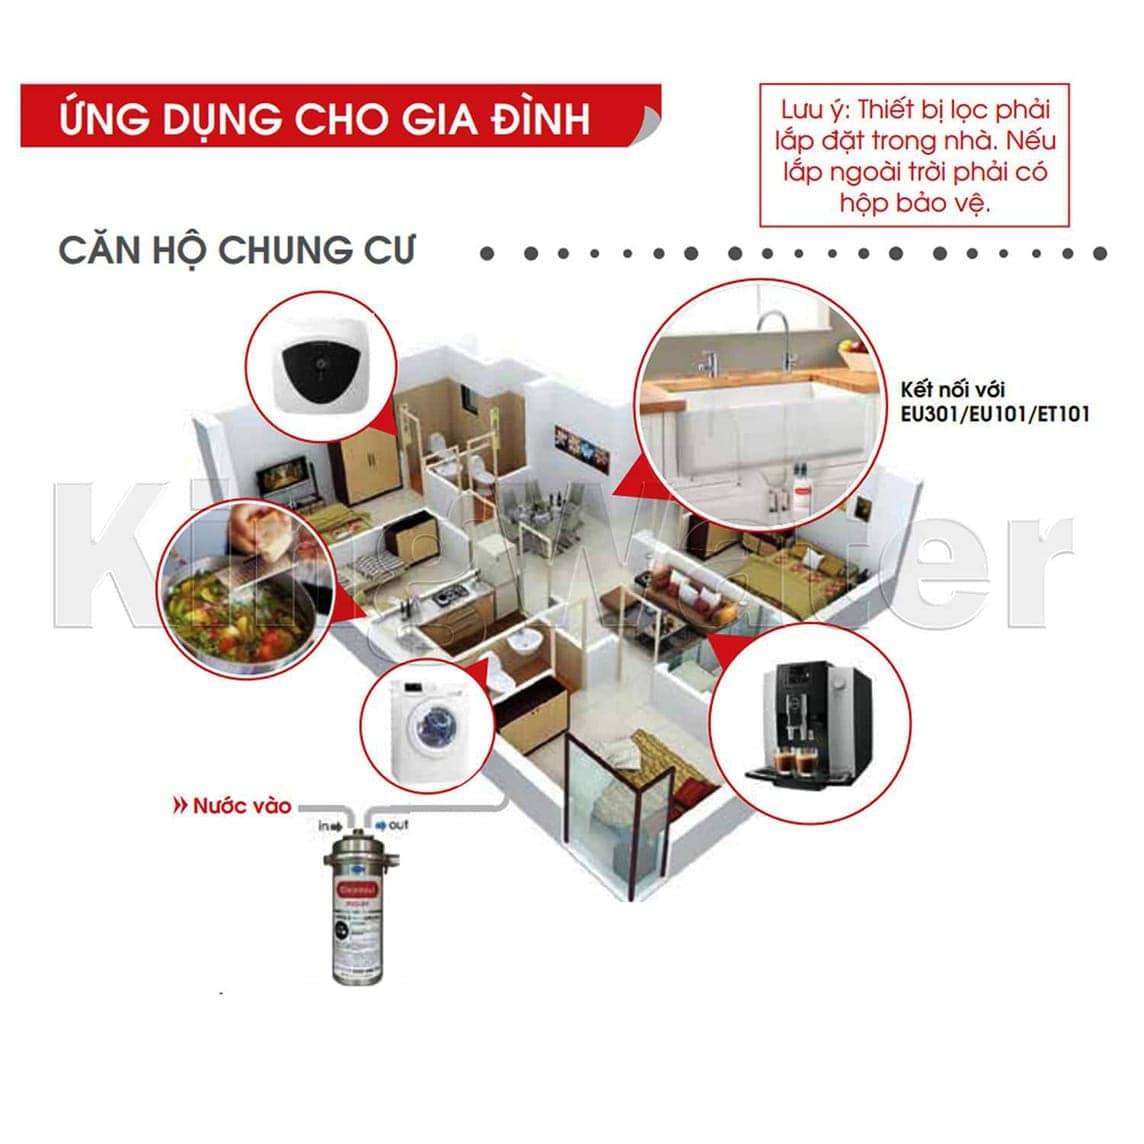 Máy lọc Cleansui MP02-4 ứng dụng cho gia đình